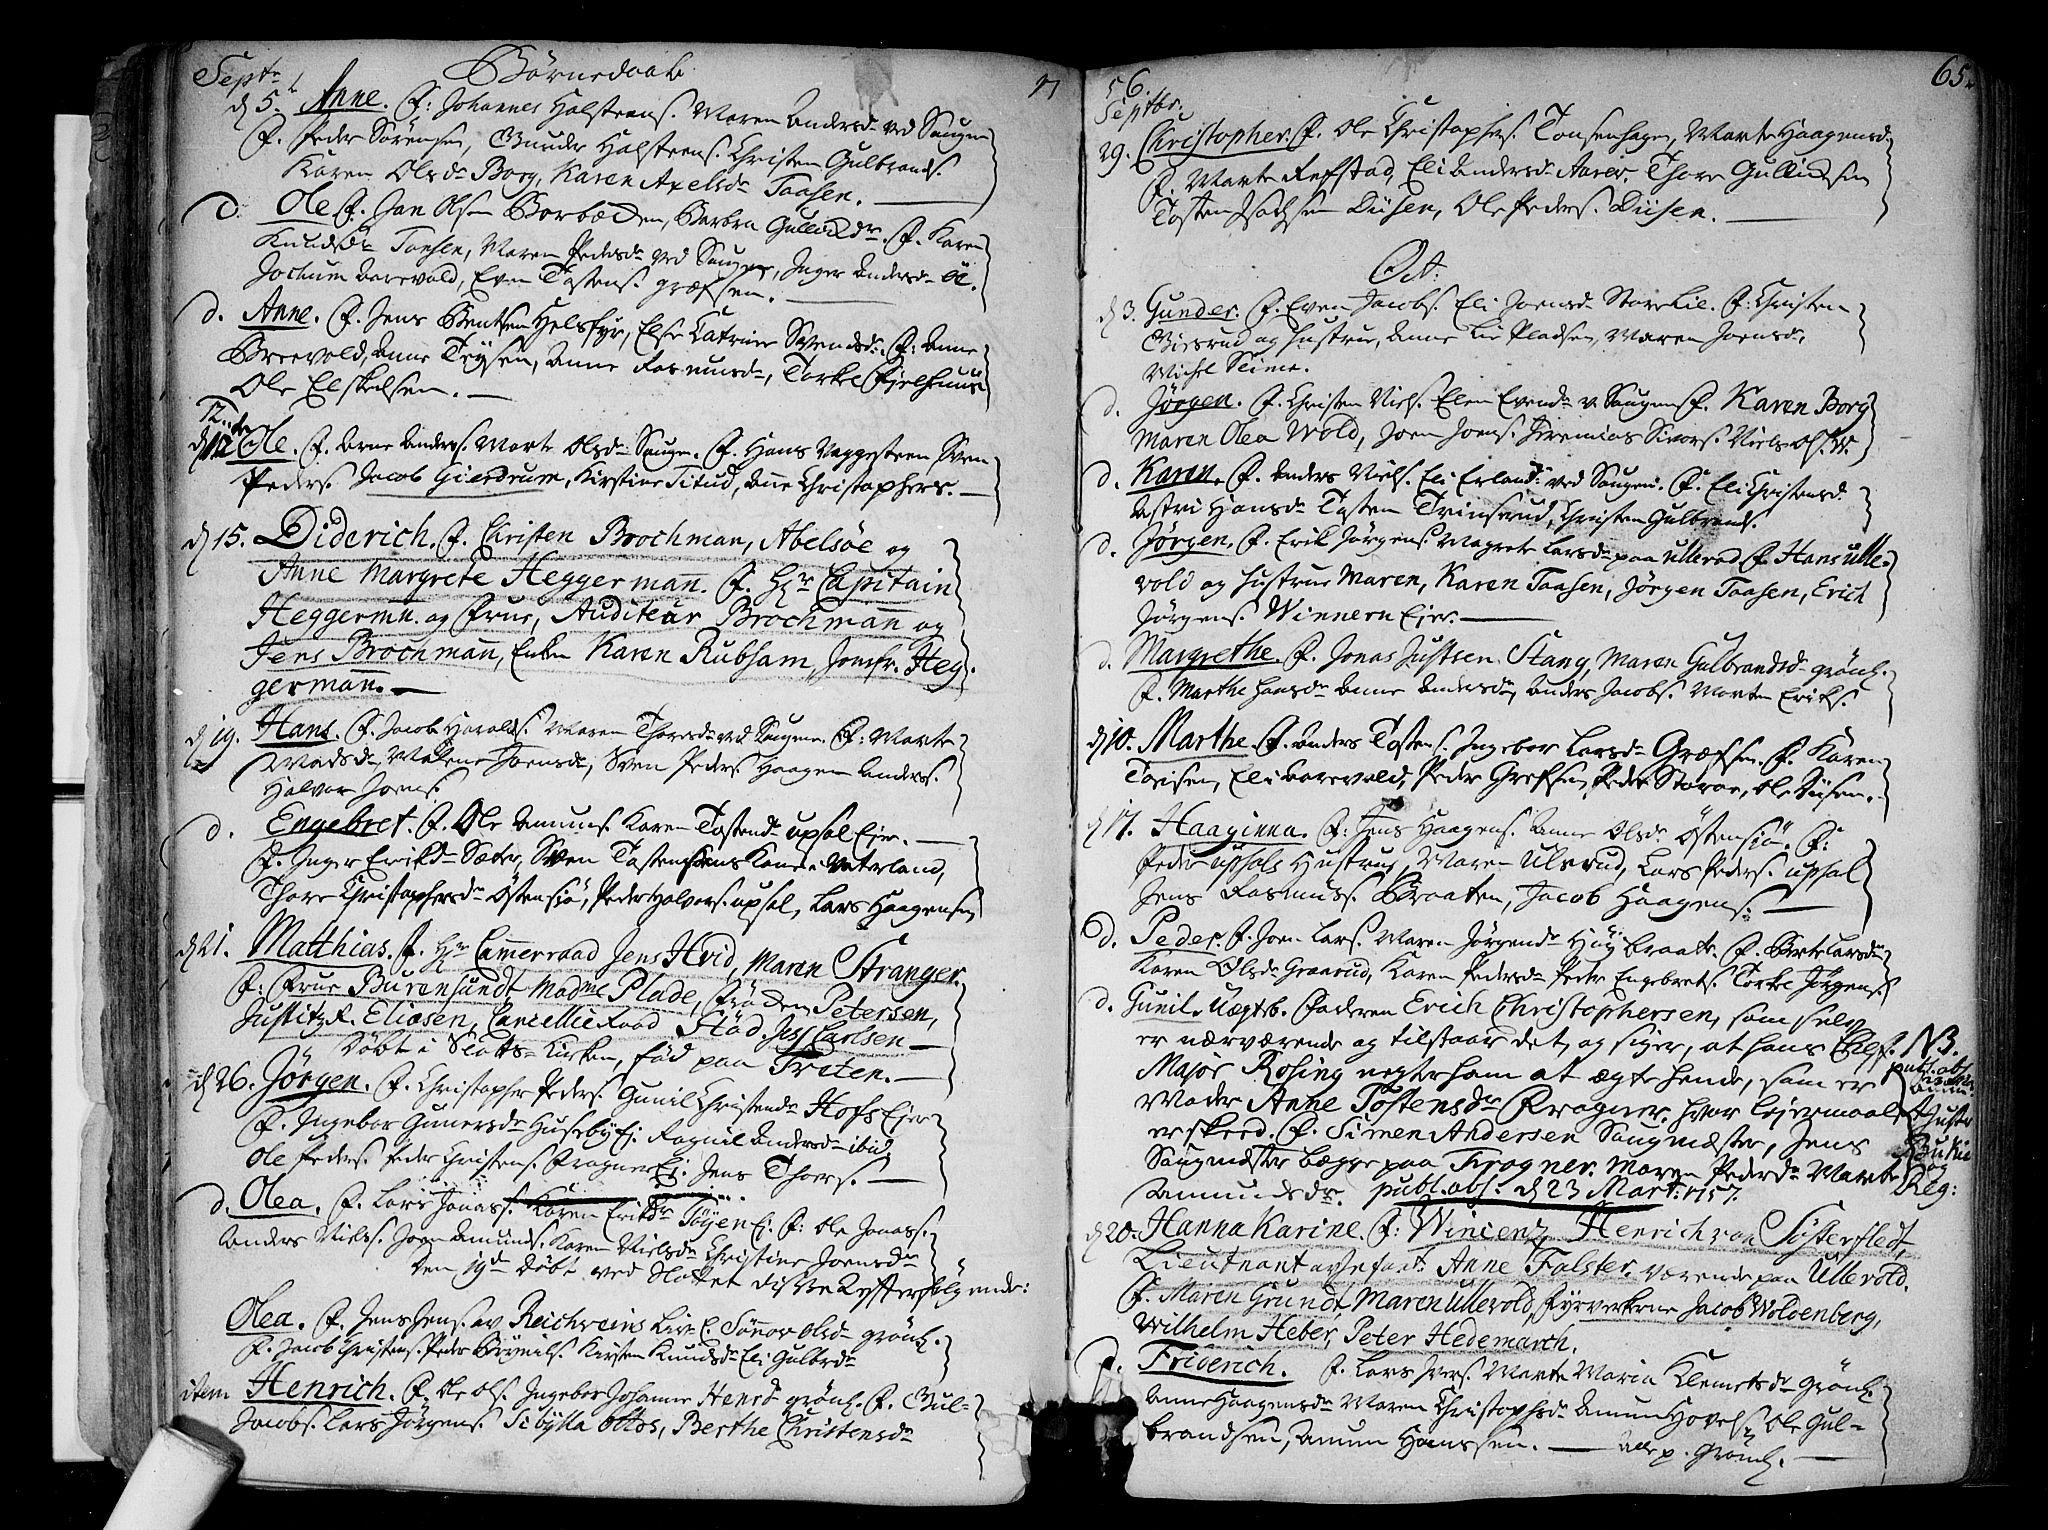 SAO, Aker prestekontor kirkebøker, F/L0008: Ministerialbok nr. 8, 1749-1765, s. 65